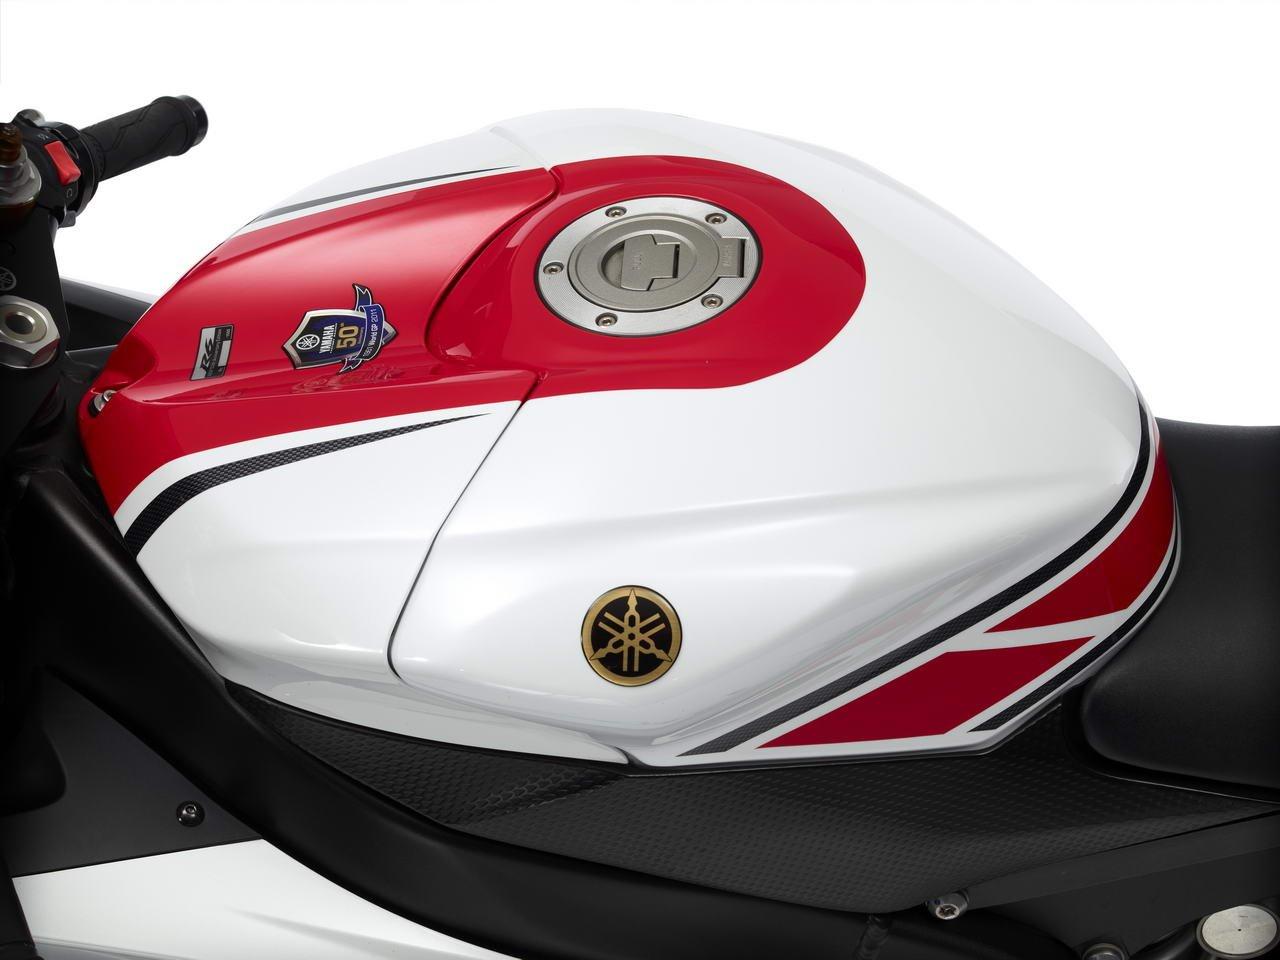 Listino Moto-Guzzi Bellagio 940 Custom e Cruiser - image 15578_yamaha-yzfr6-50th-anniversary on http://moto.motori.net